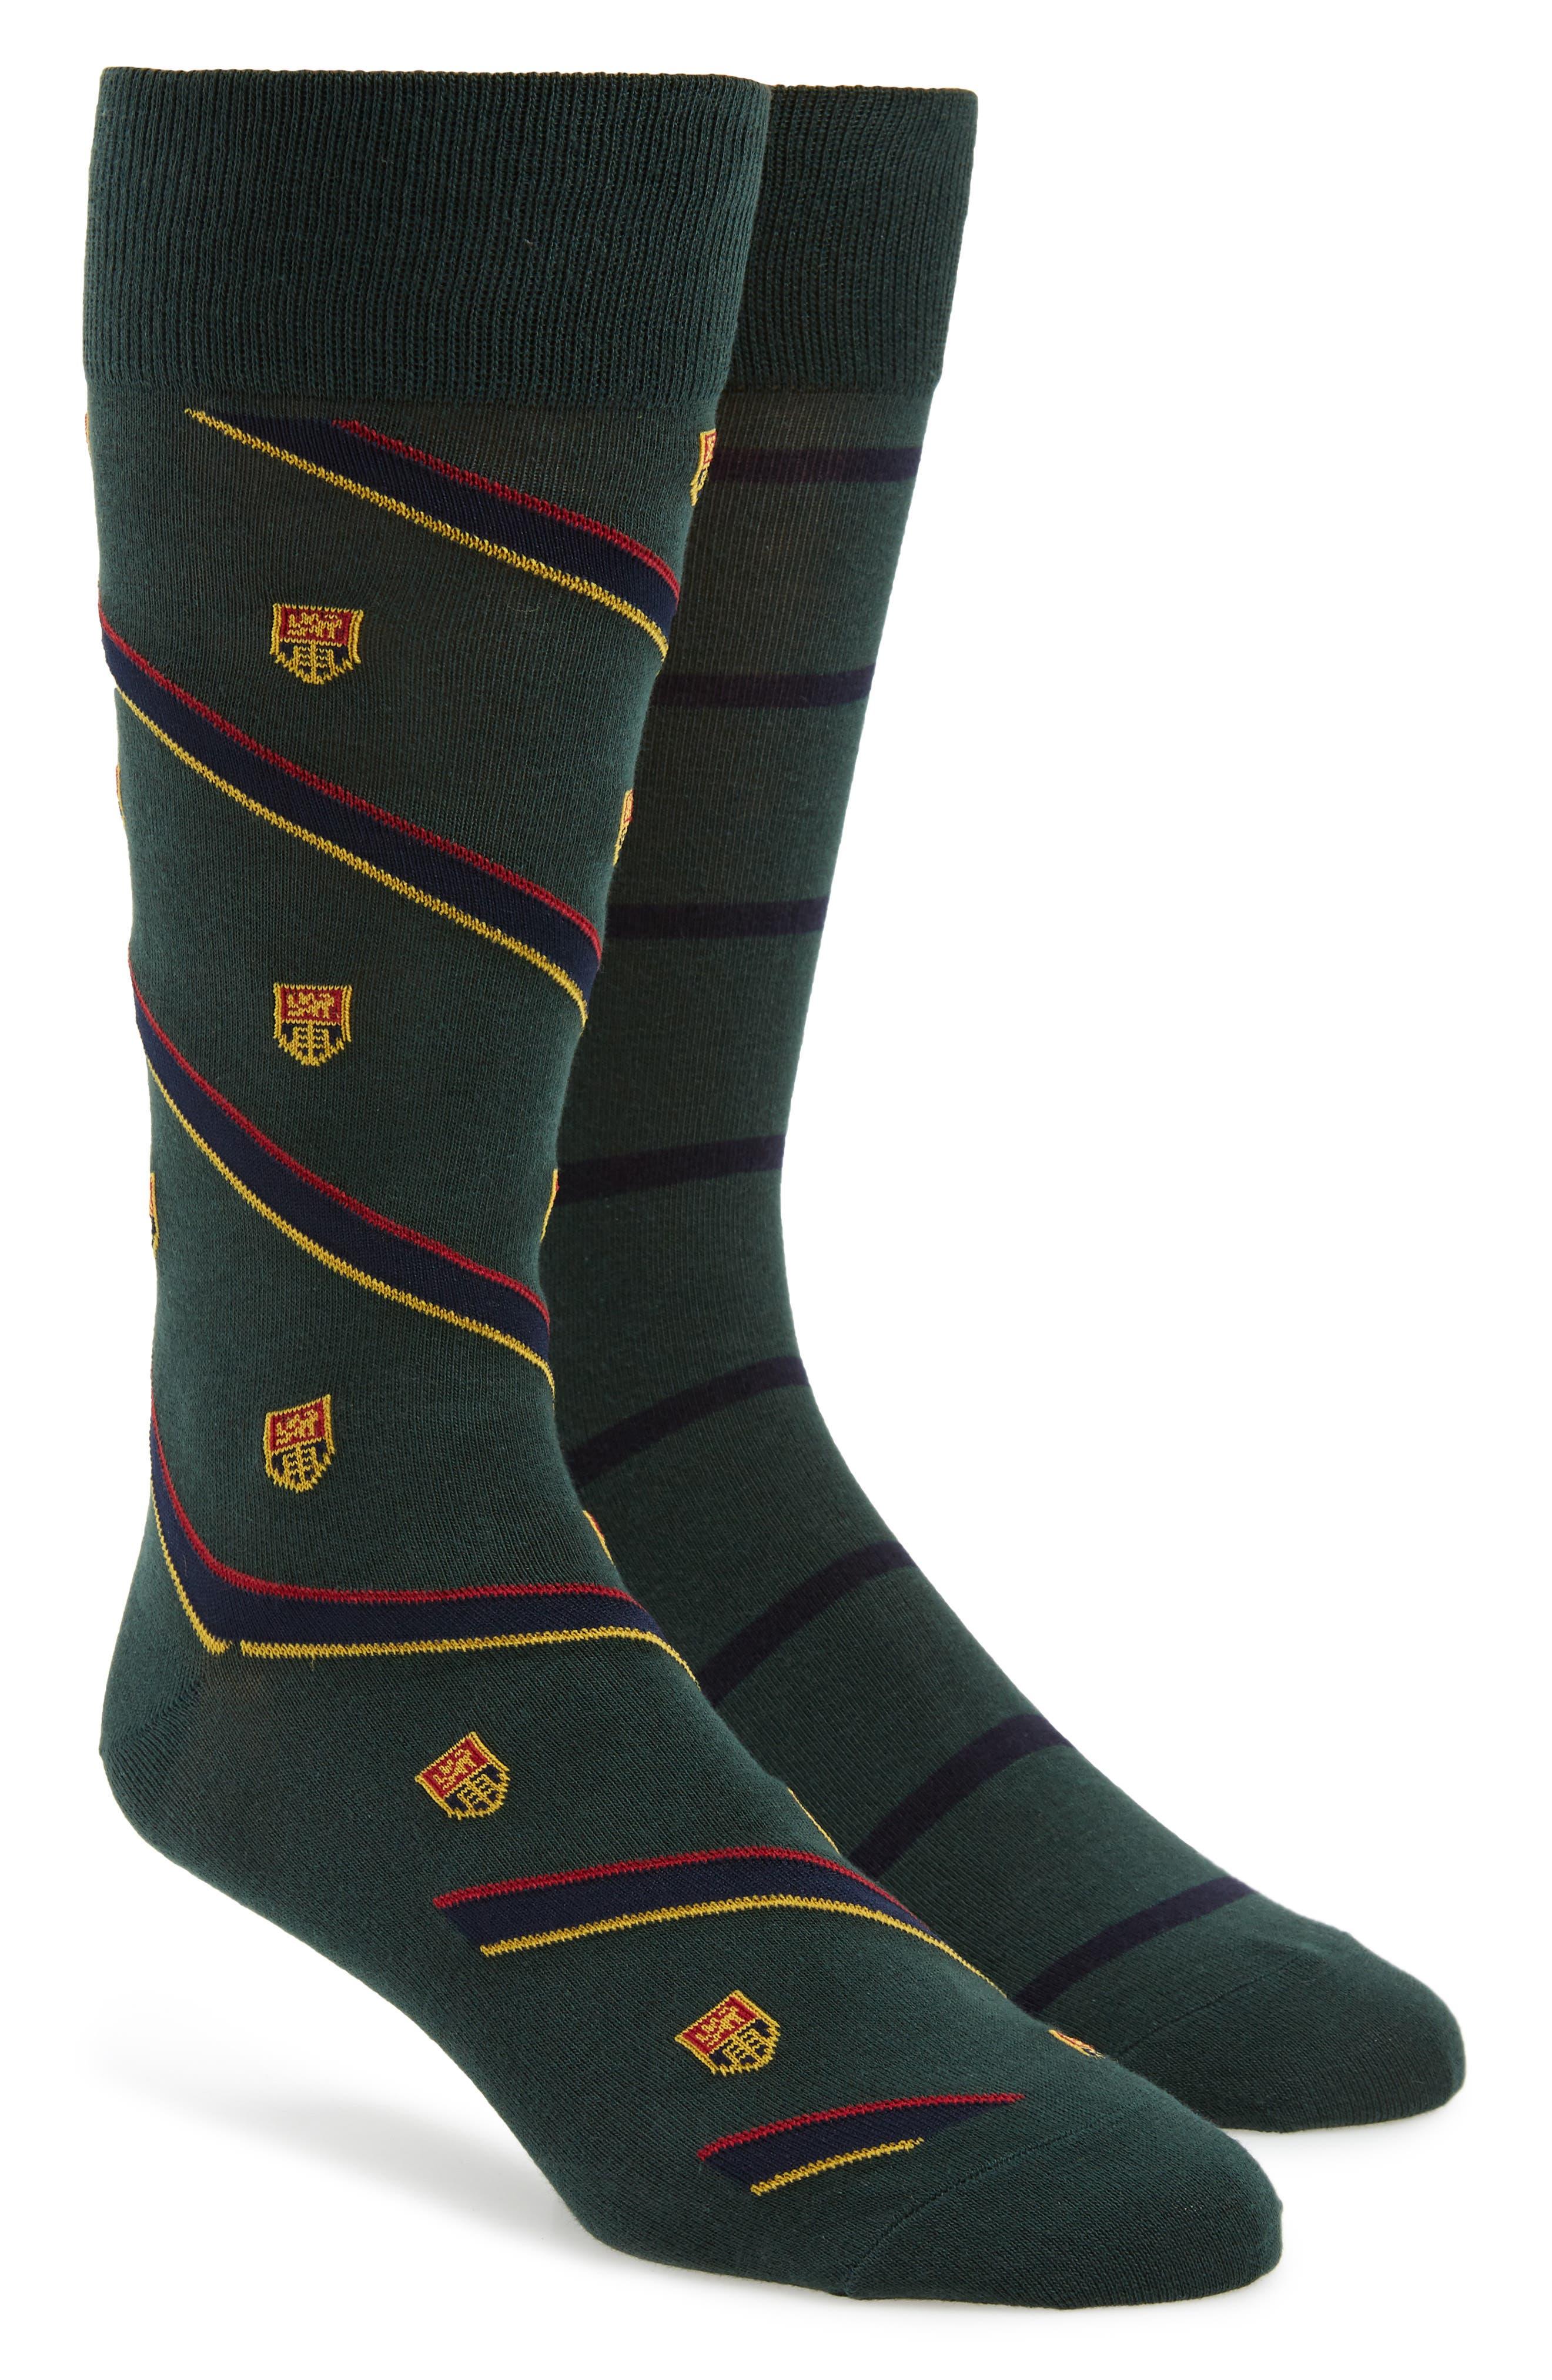 Ralph Lauren Heraldic Club 2-Pack Socks,                             Main thumbnail 1, color,                             HUNTER